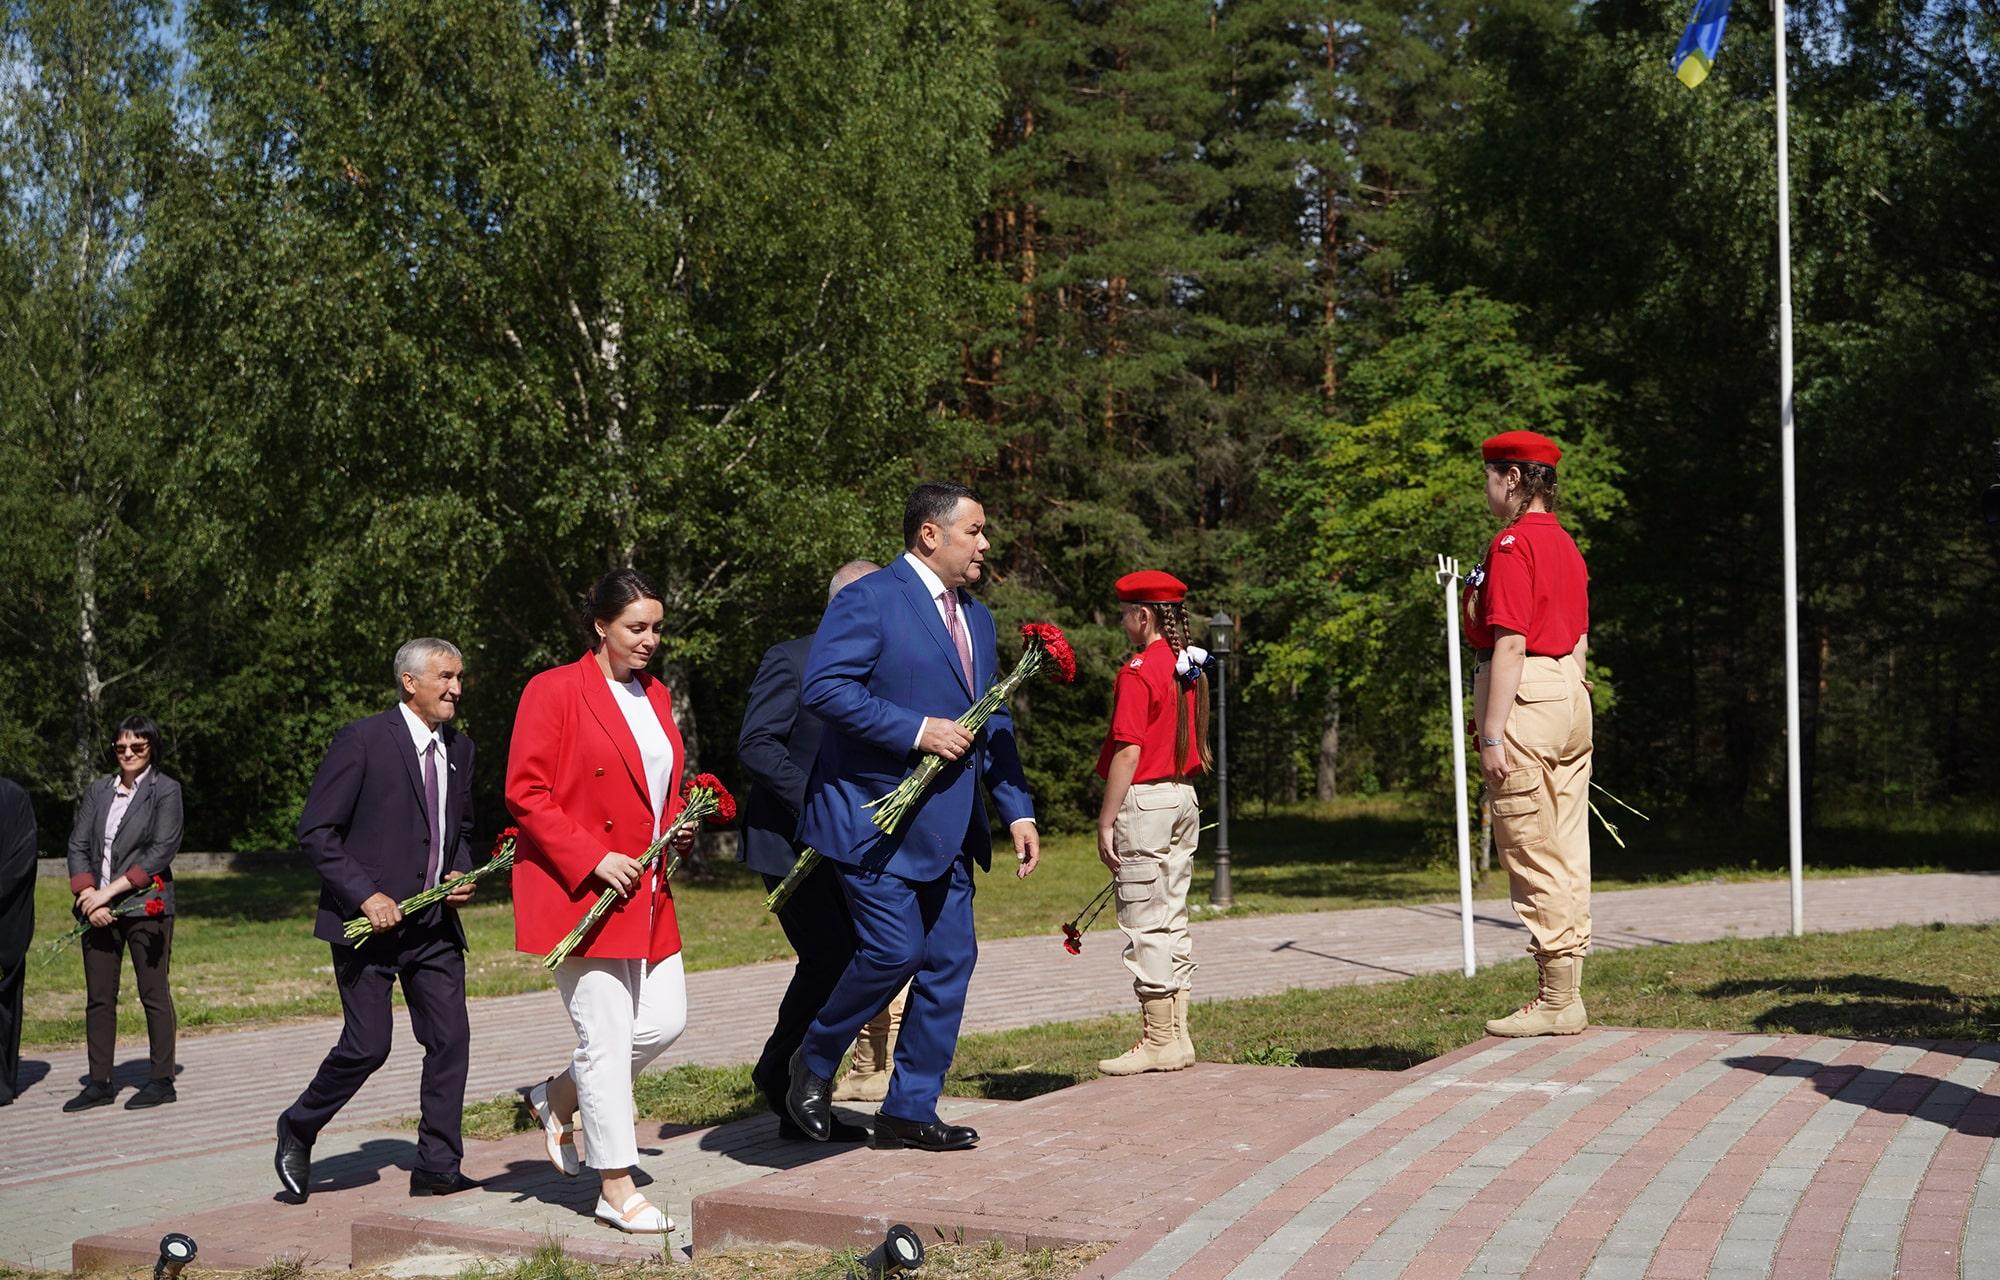 Губернатор Игорь Руденя возложил цветы к монументу «Обелиск Славы» в Максатихе